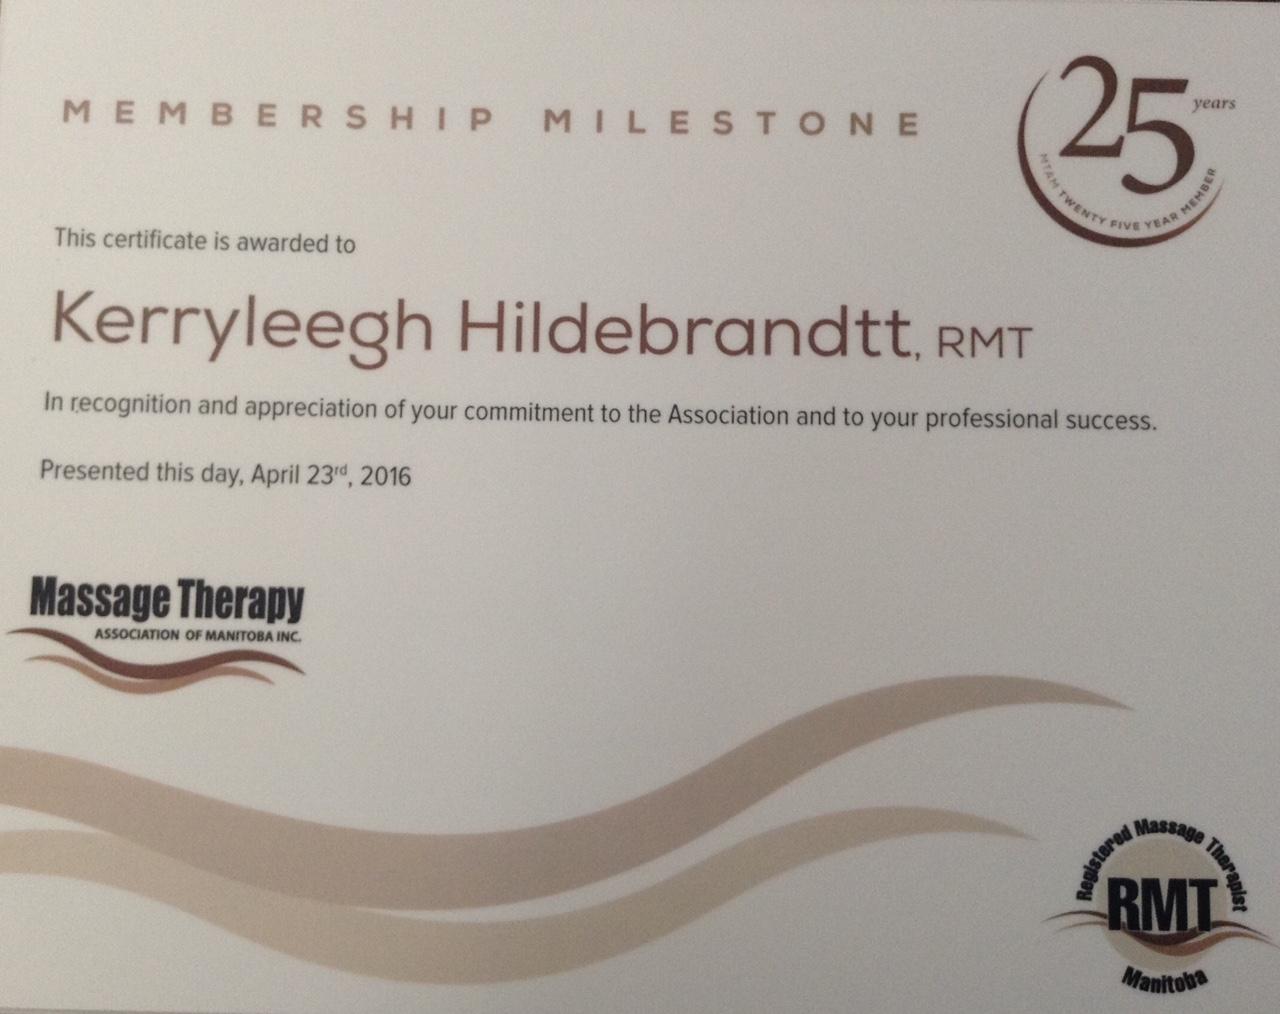 Kerryleegh k Hildebrandtt RMT is celebrating 30 years of private practice in 2017